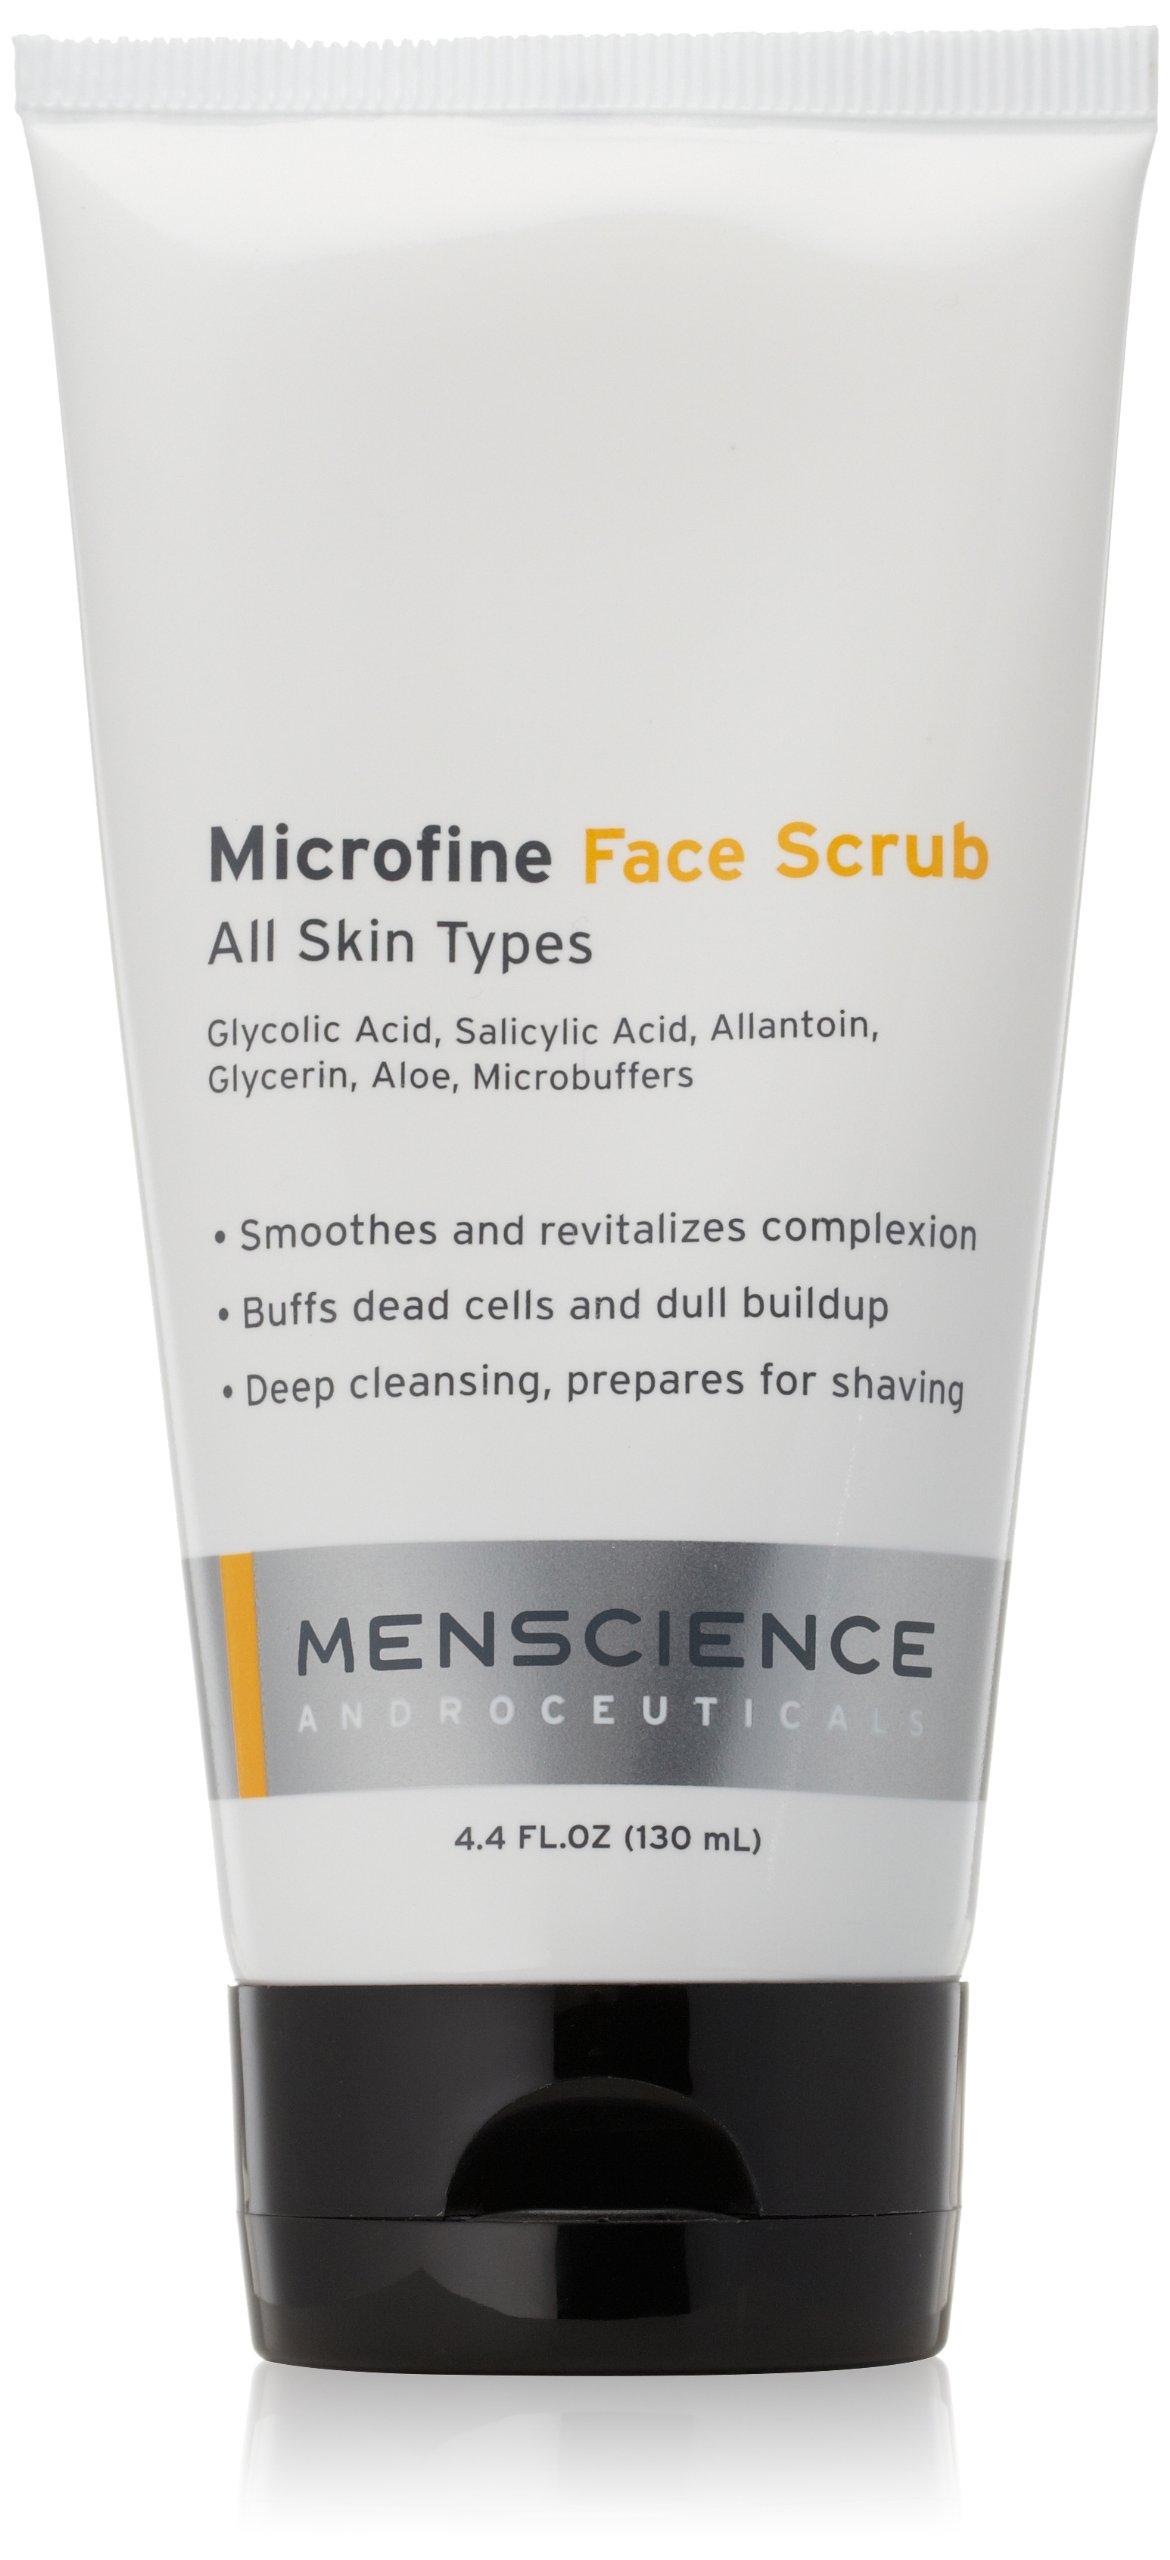 MenScience Androceuticals Microfine Face Scrub, All Natural, 4.4 Fl Oz